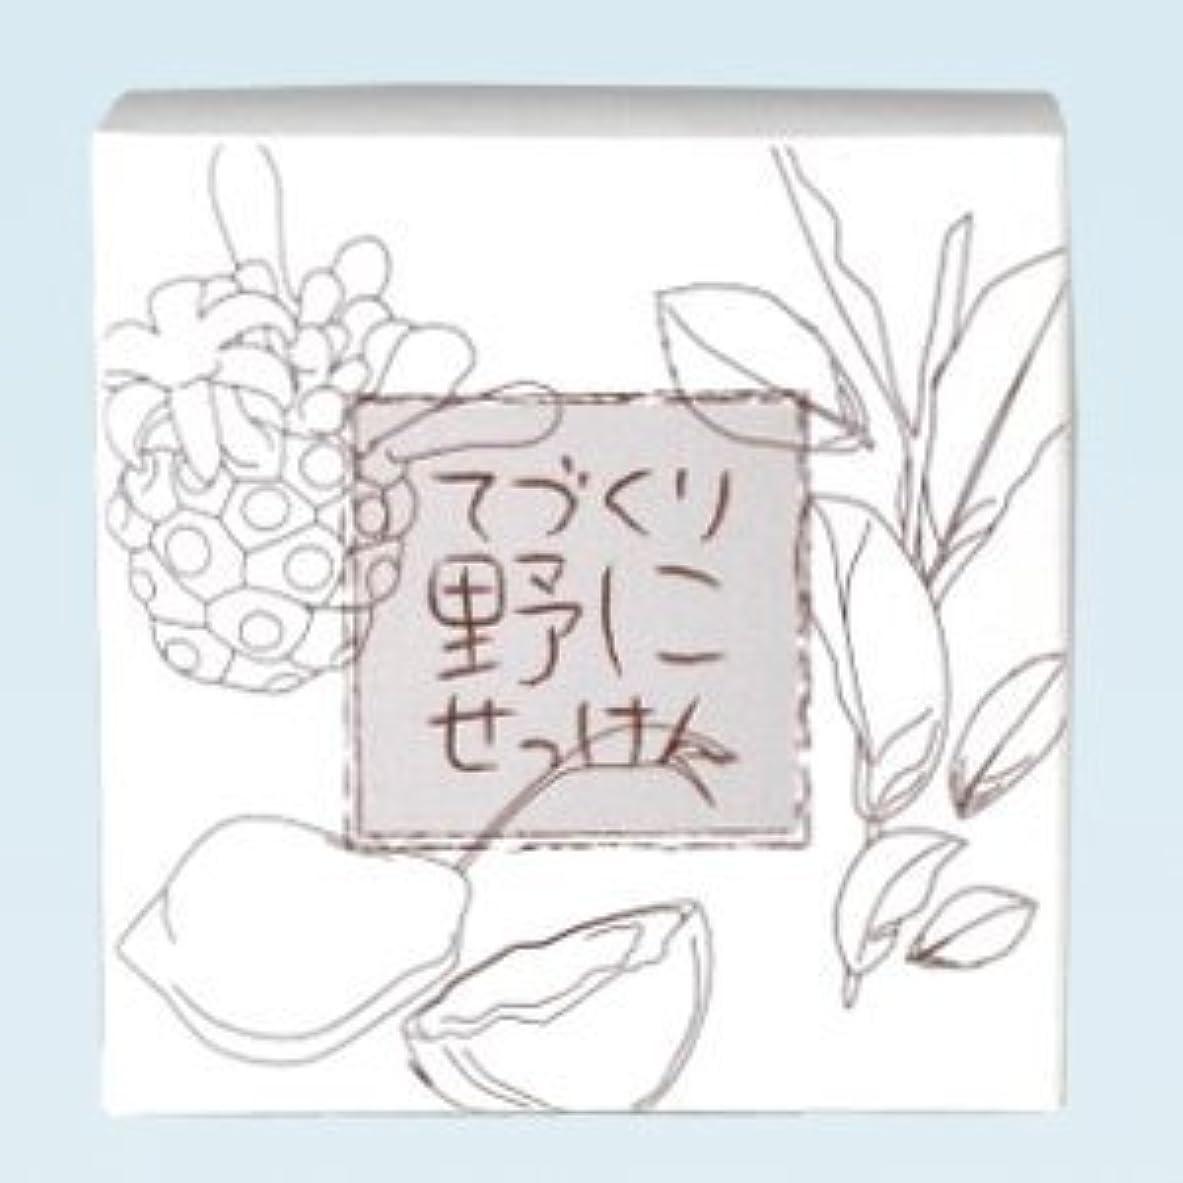 問い合わせ予測する動機緑茶 ノニ石鹸 てづくり野にせっけん(115g)